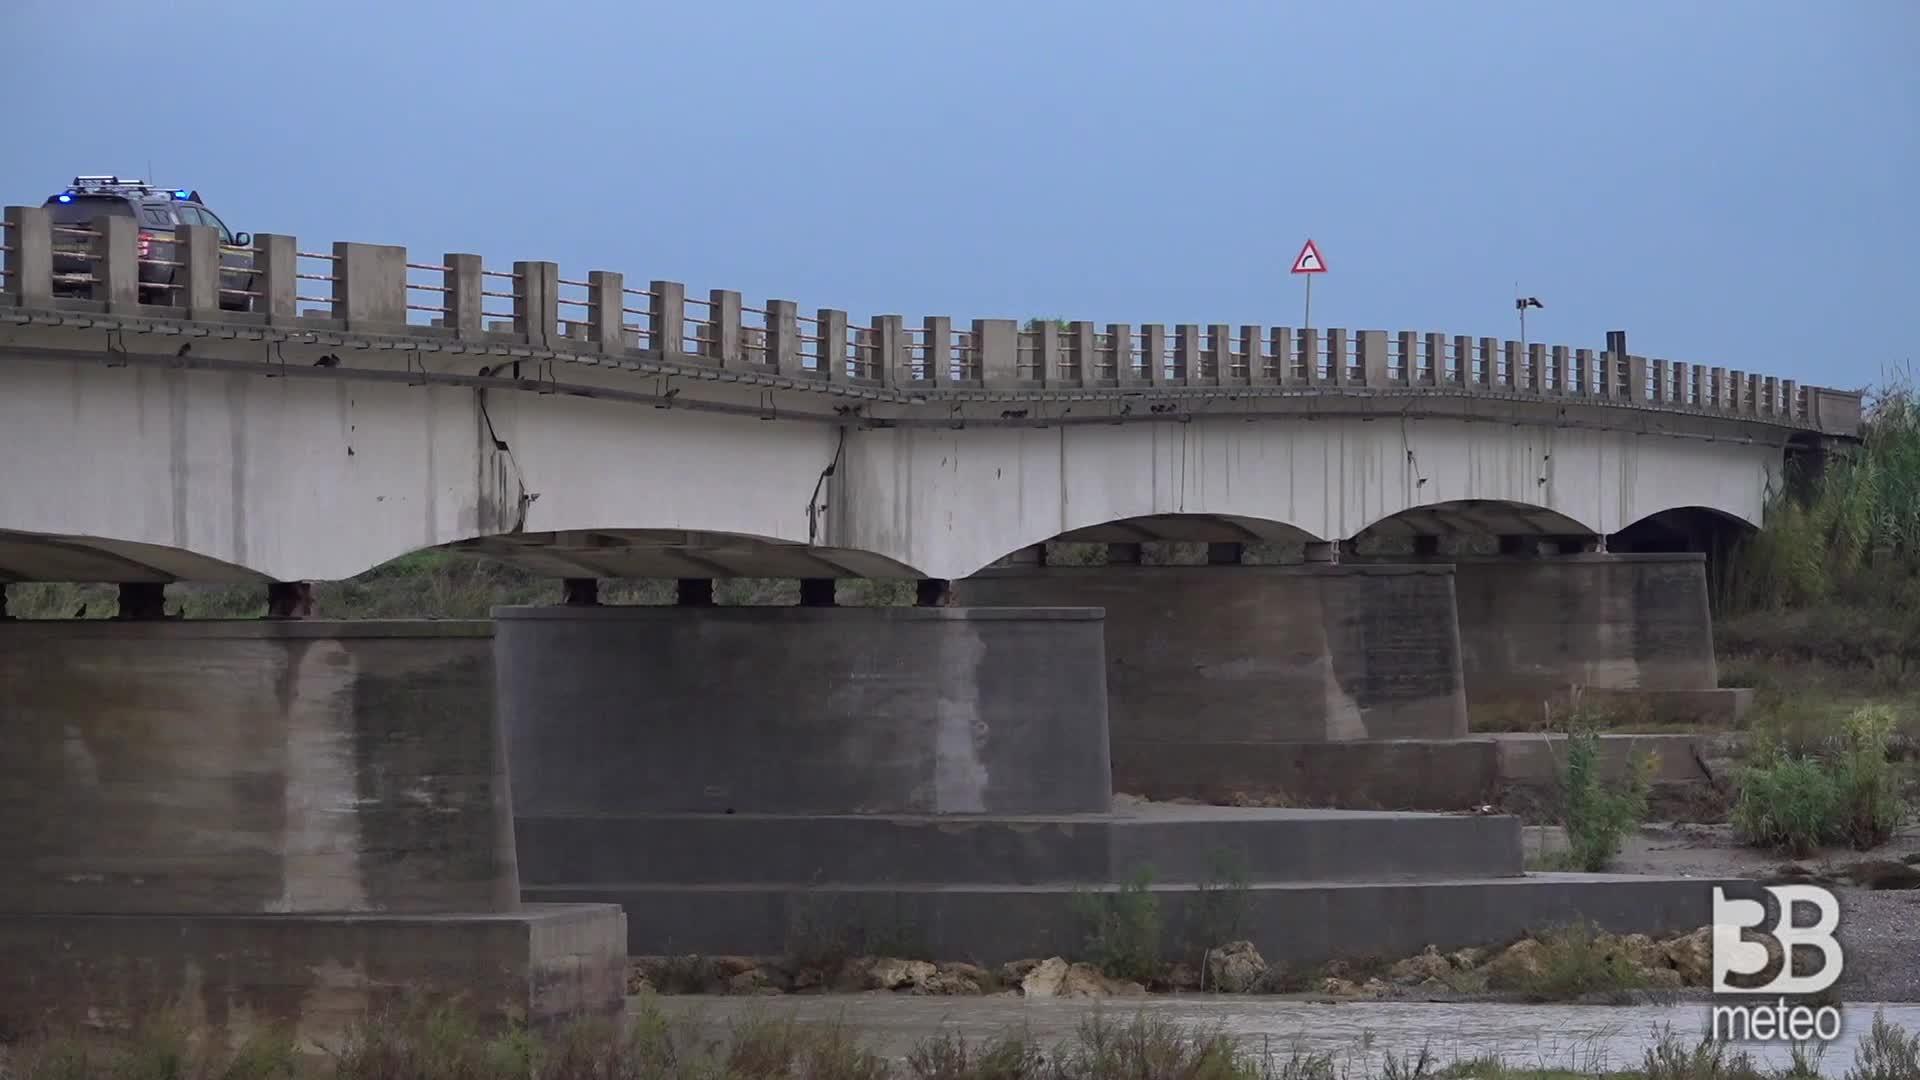 Riaperto il ponte sul Neto: avvallamento porzione centrale